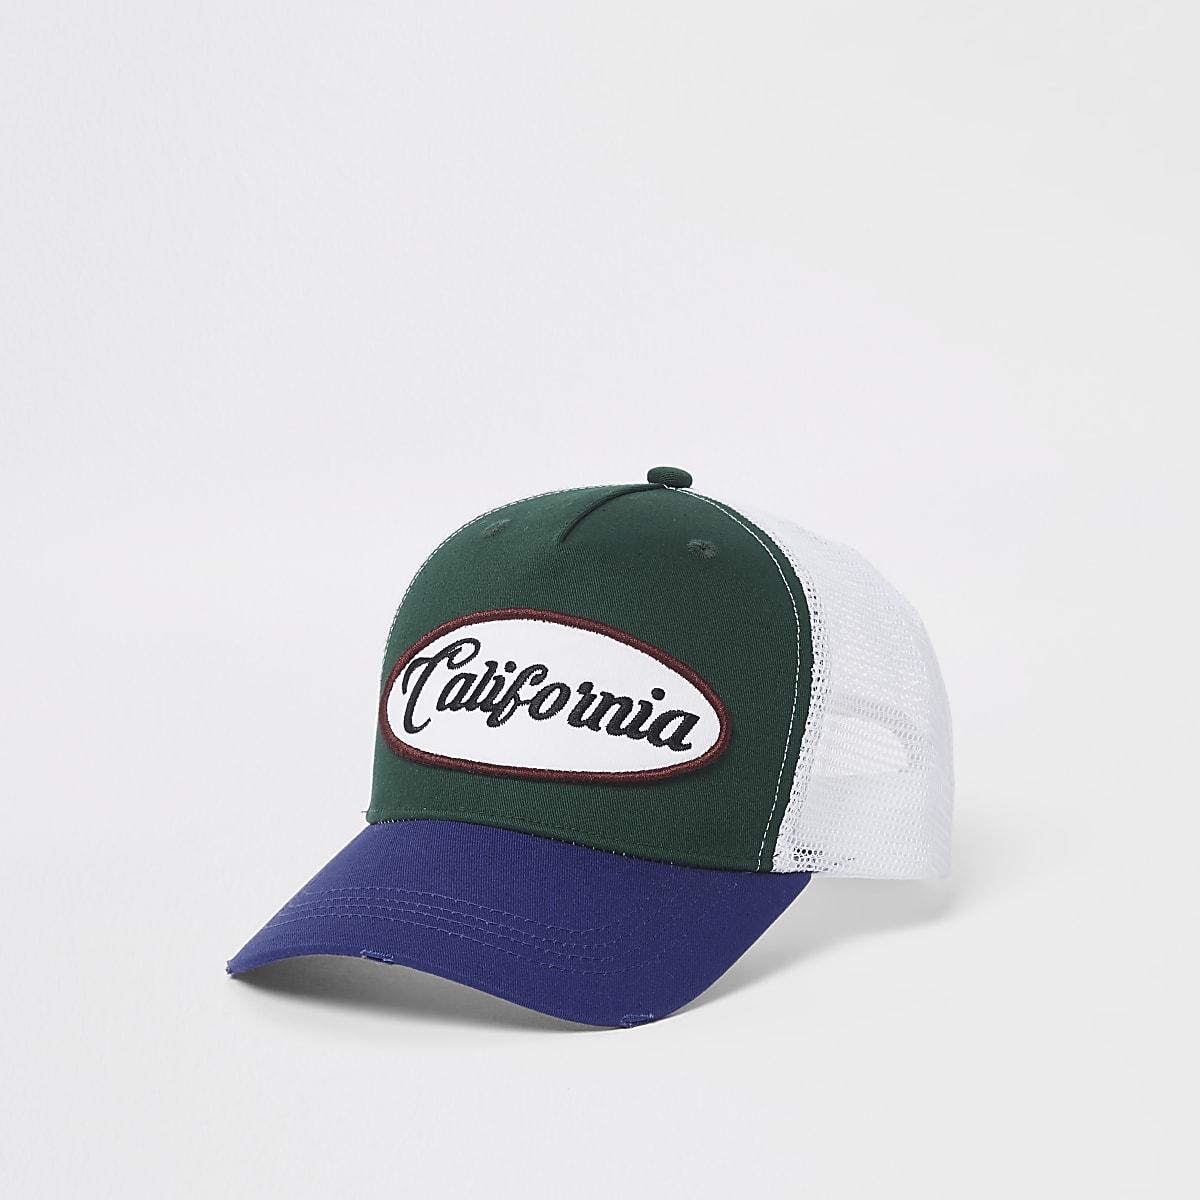 Green California mesh baseball cap